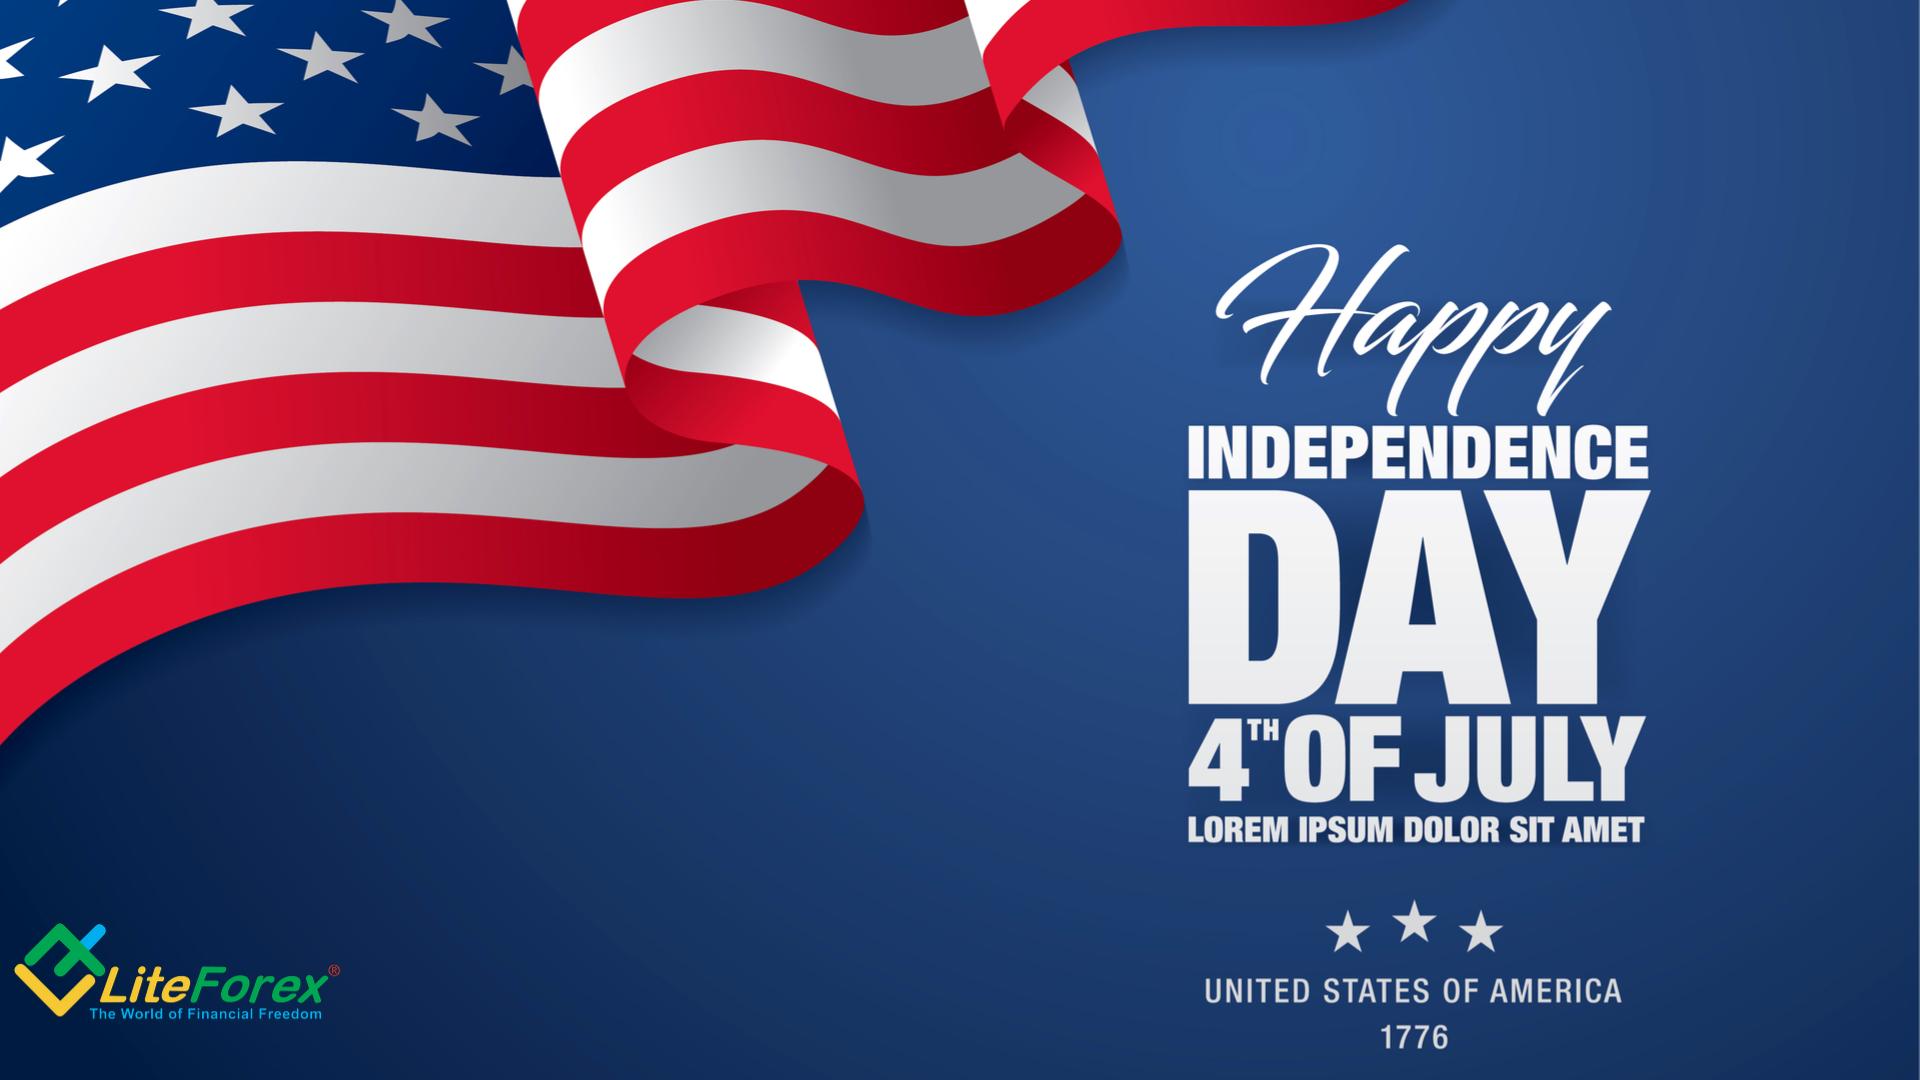 Zmiany w godzinach handlu z powodu Dnia Niepodległości w USA